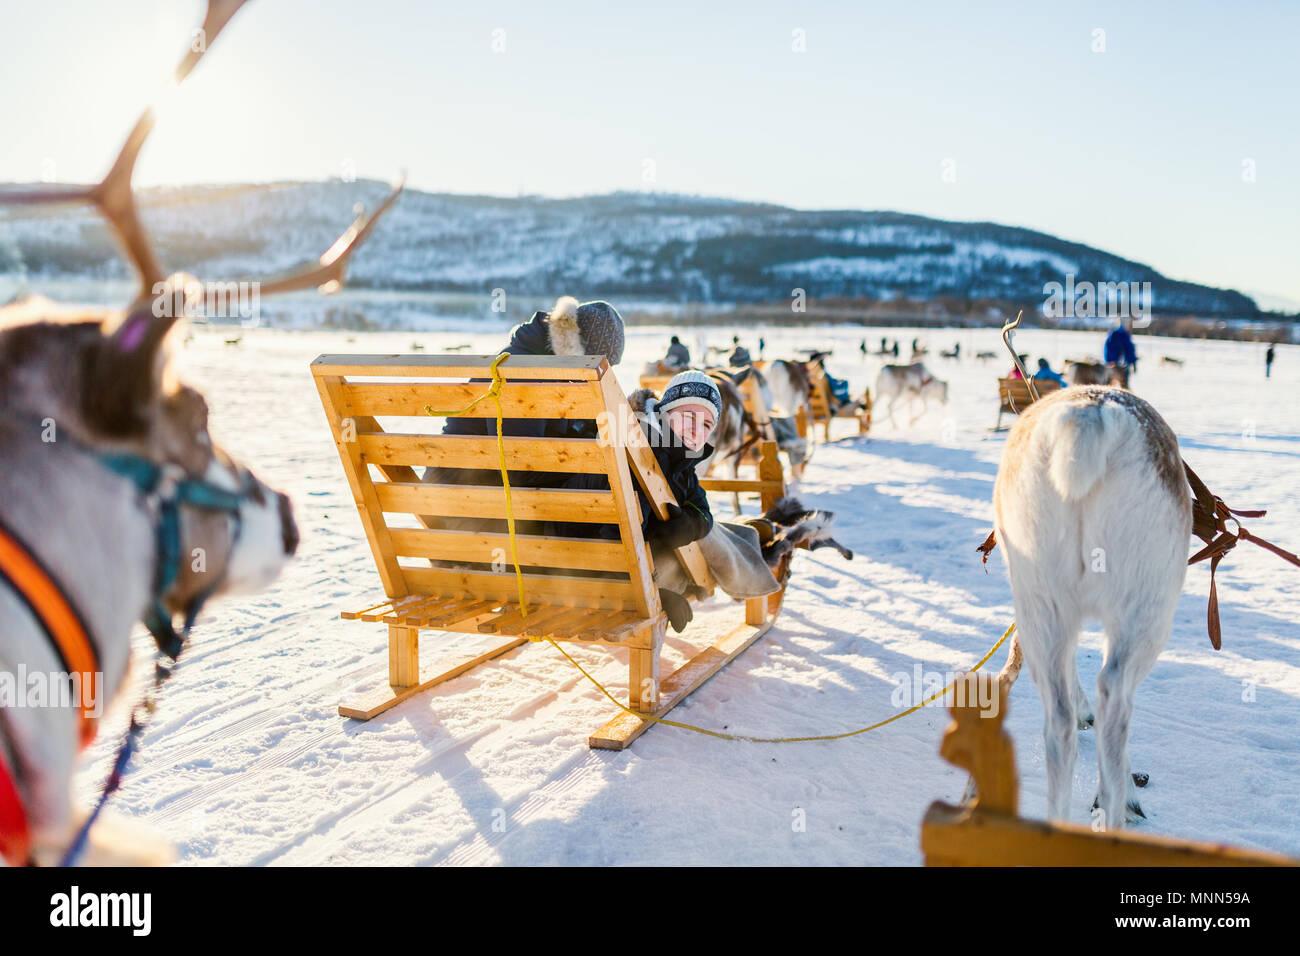 Teenager und seine Familie rodeln auf Rentier Safari auf sonnigen Wintertag im nördlichen Norwegen Stockbild